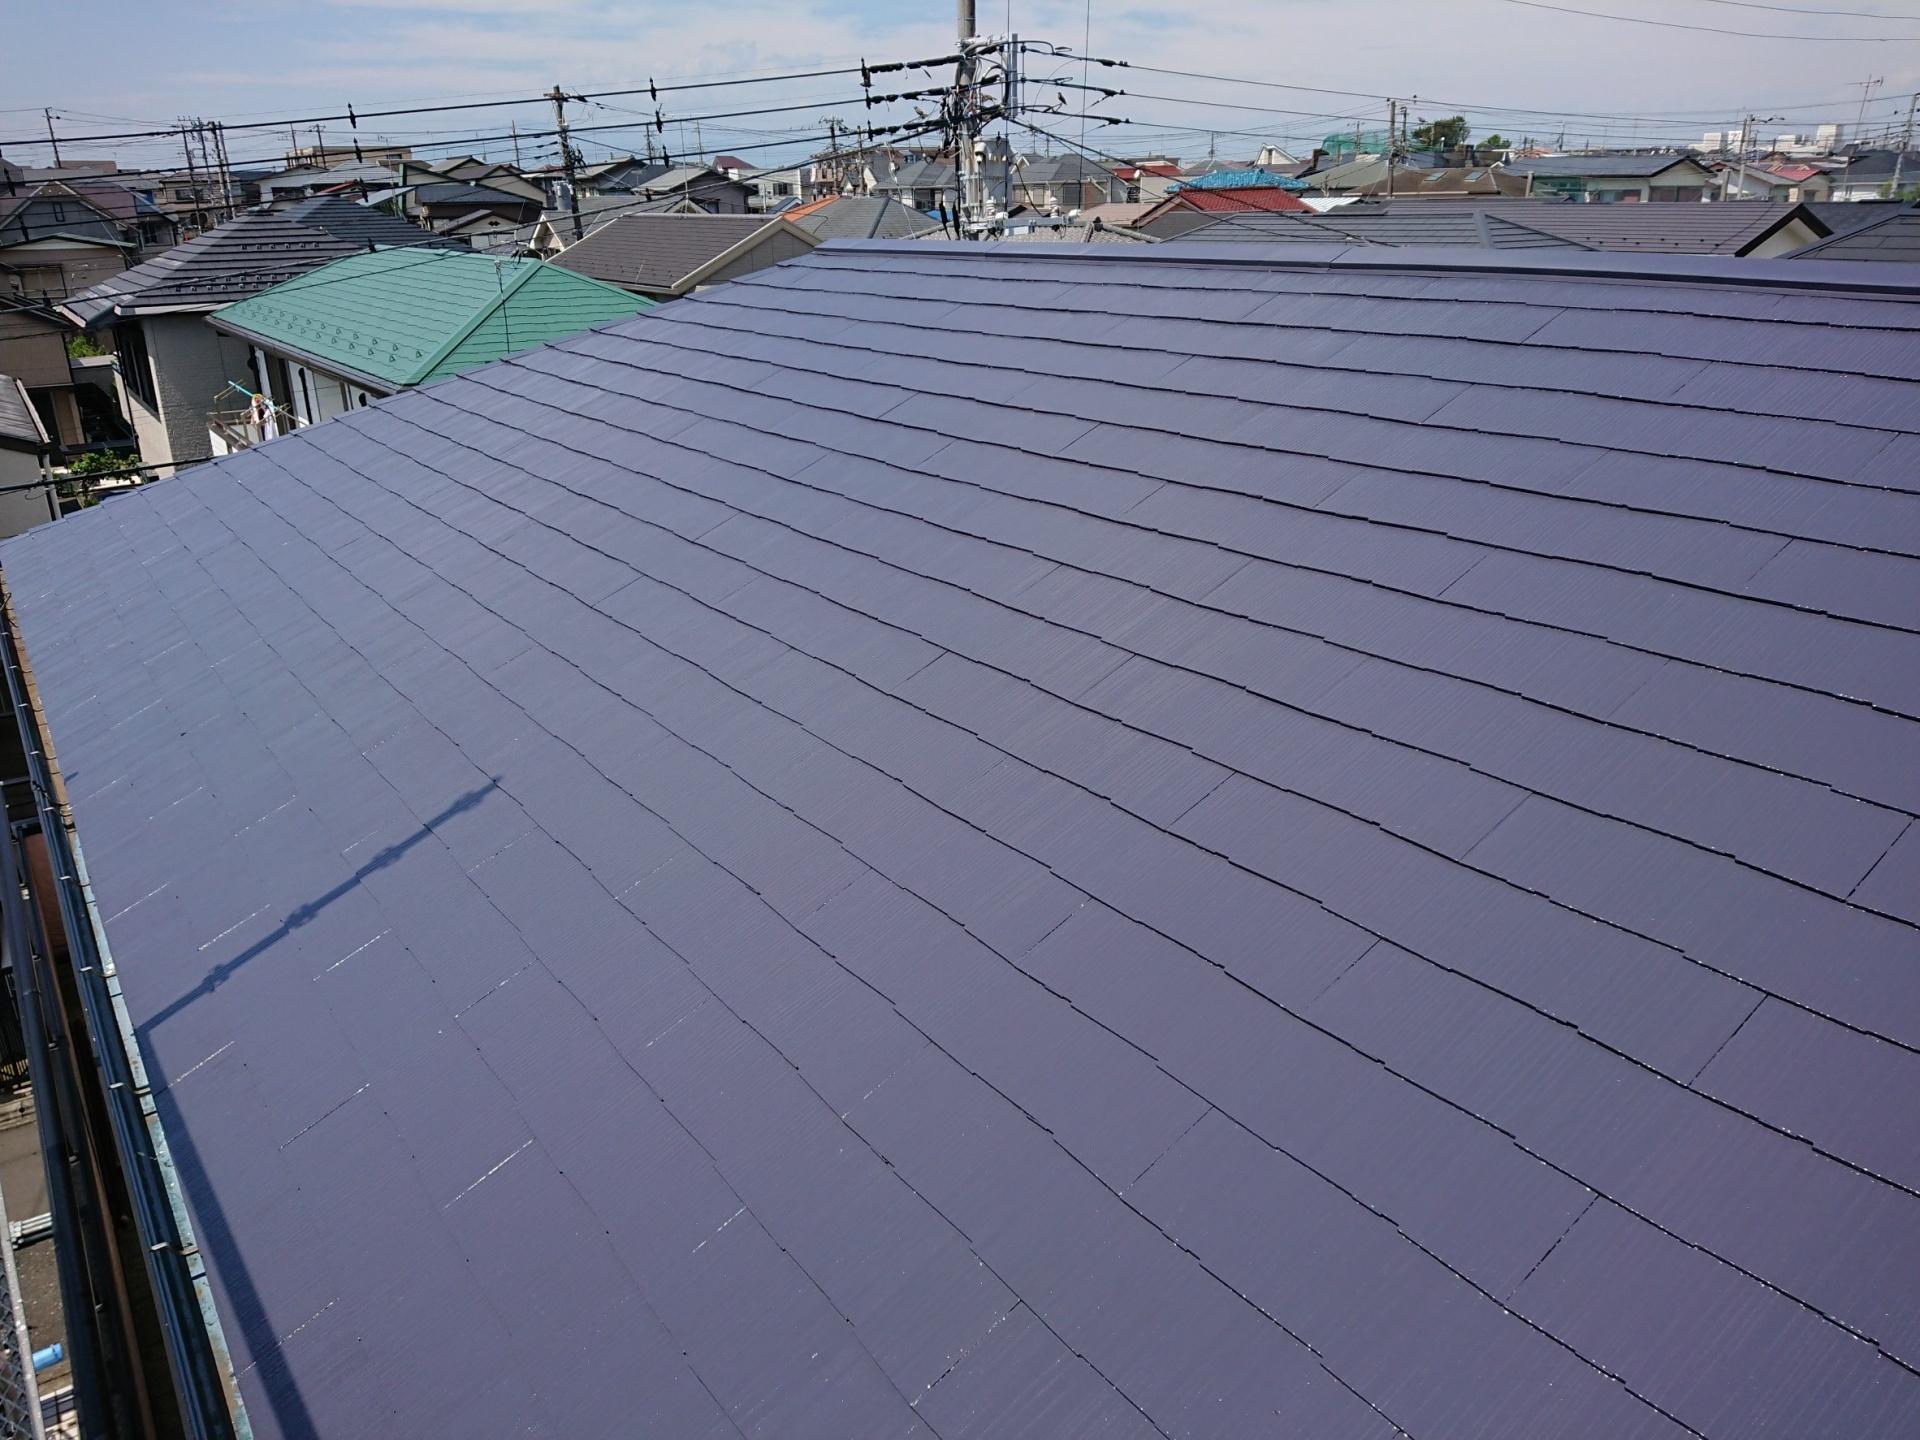 サーモアイ4Fのクールダークグレーを使い仕上げた屋根の様子